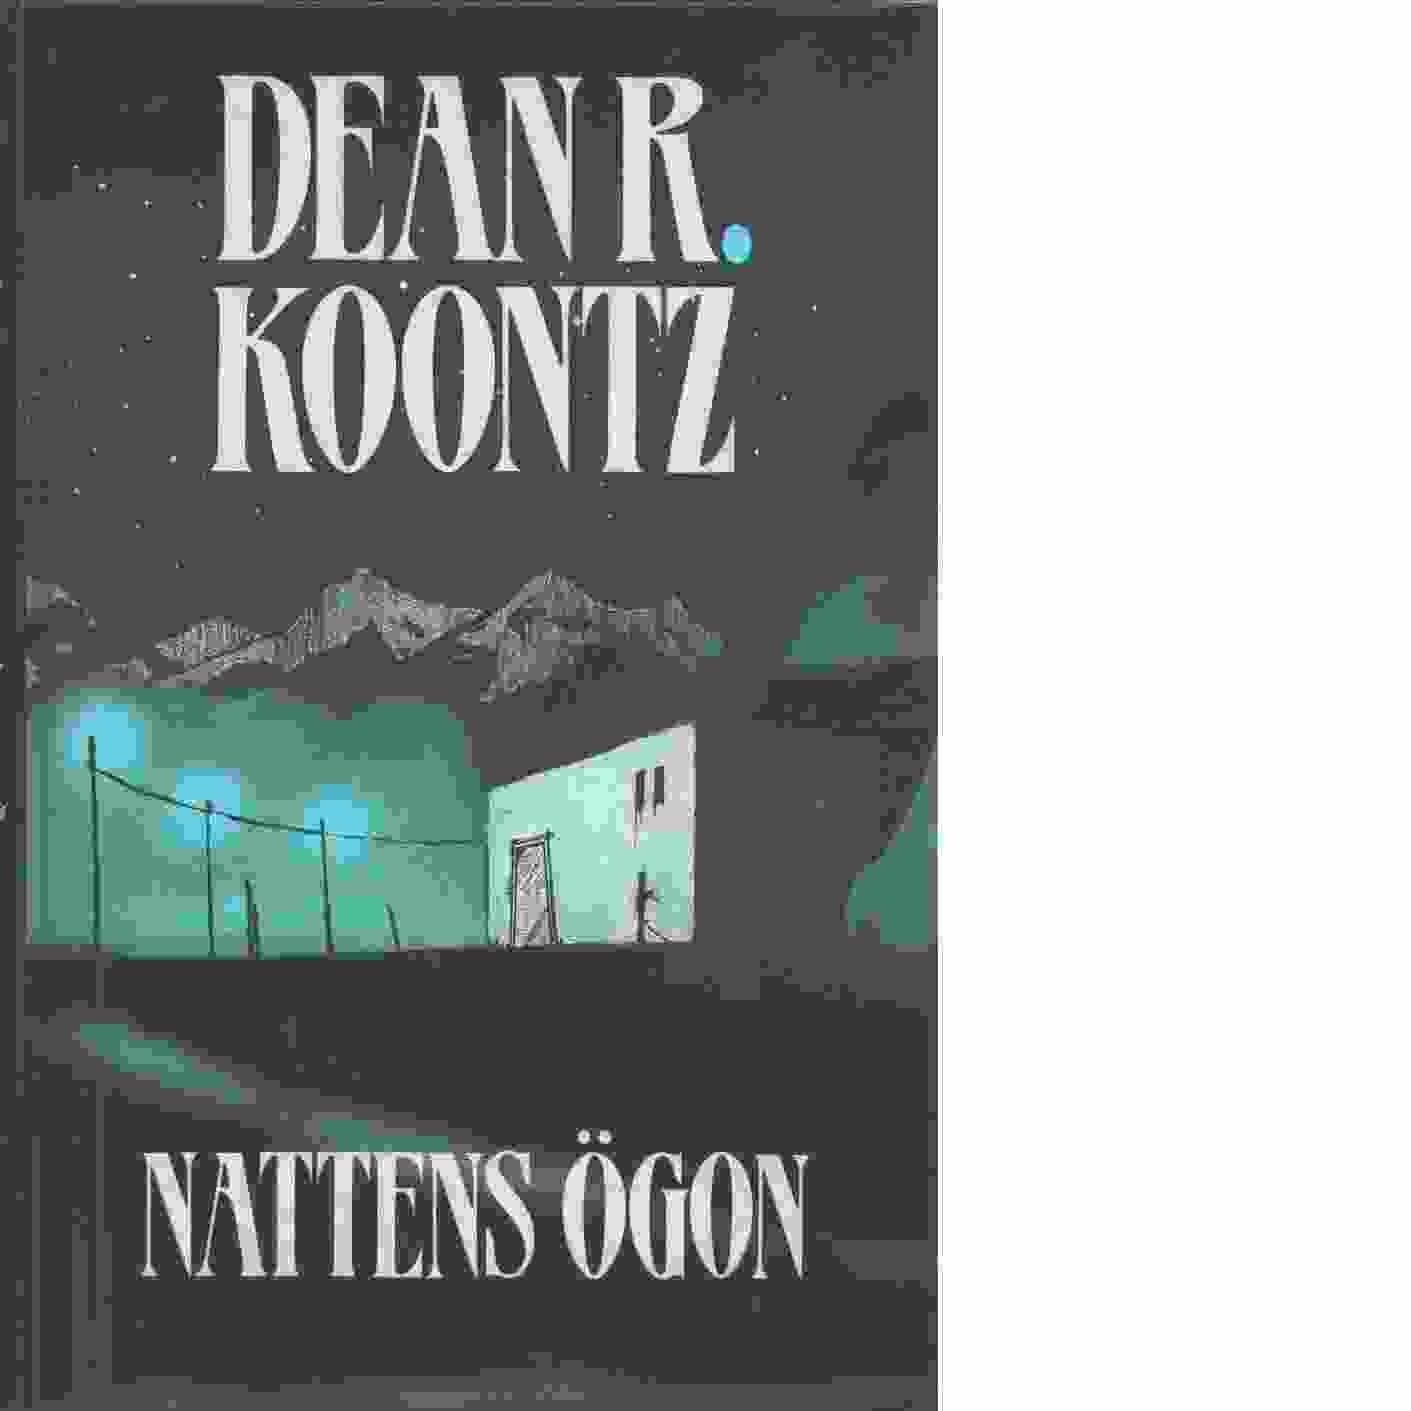 Nattens ögon  - Koontz, Dean R.